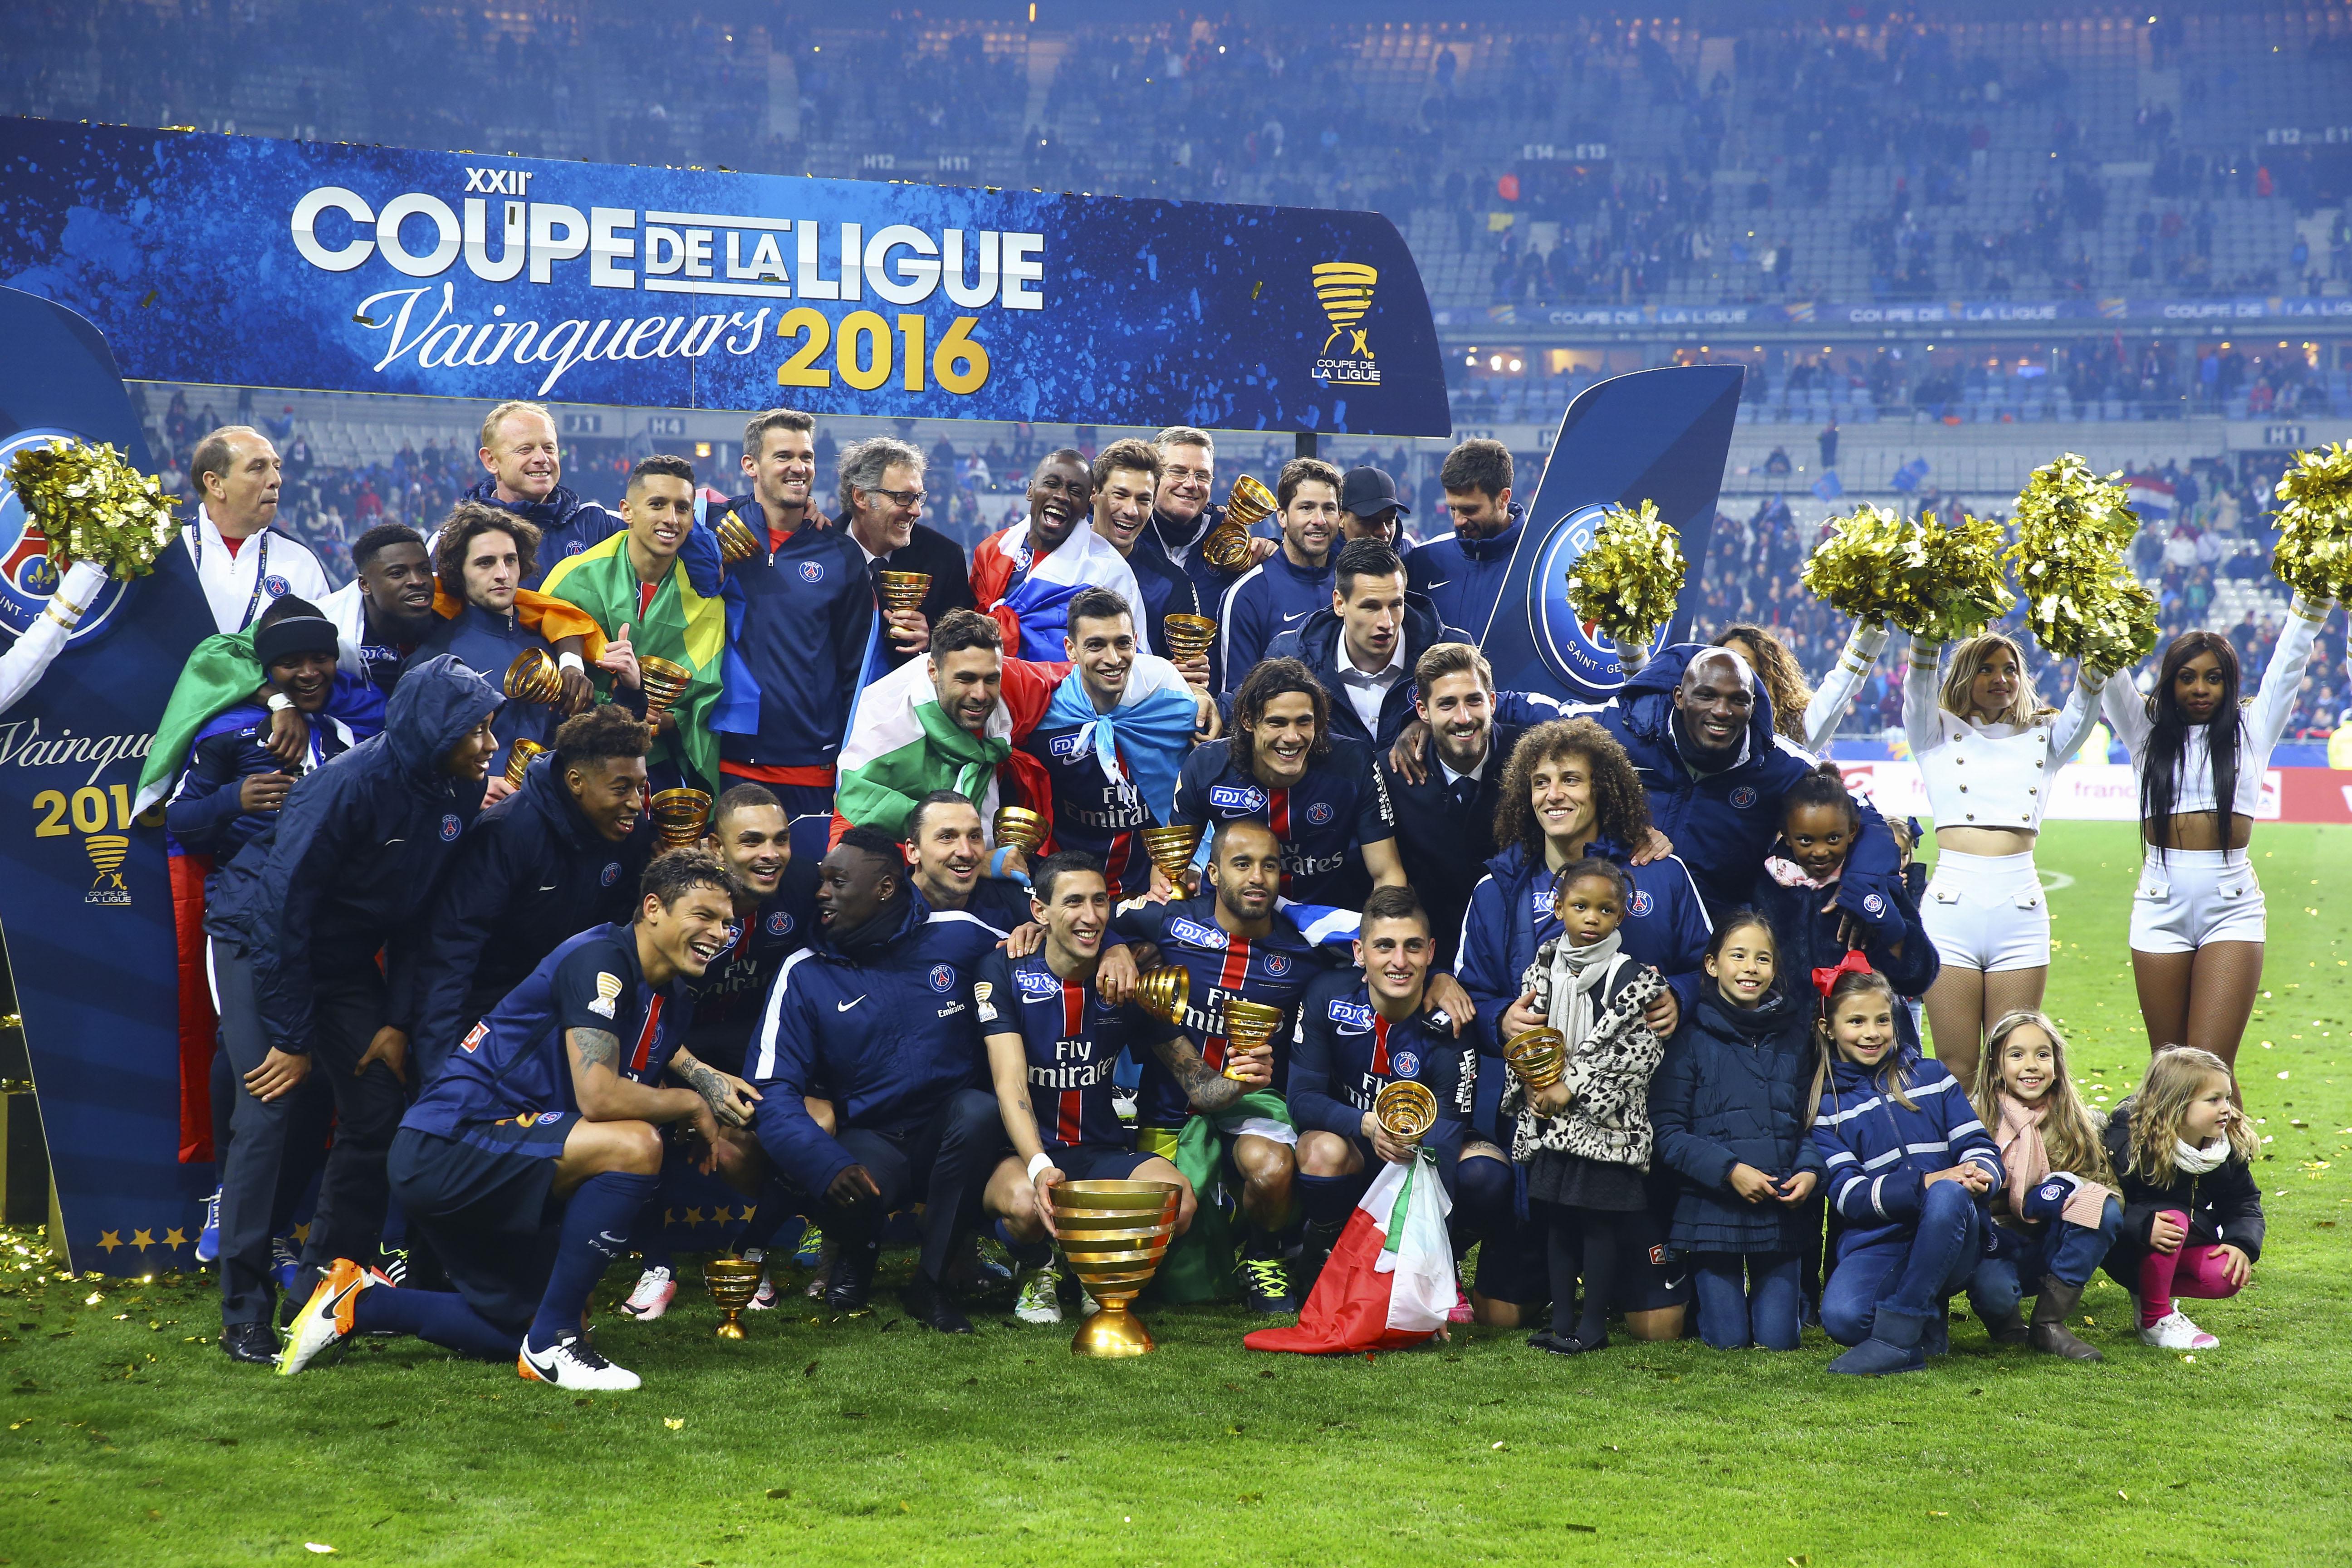 Pastore sidib rabiot les tops et les flops de la finale coupe de la ligue football - Finale coupe de la ligue 2014 ...